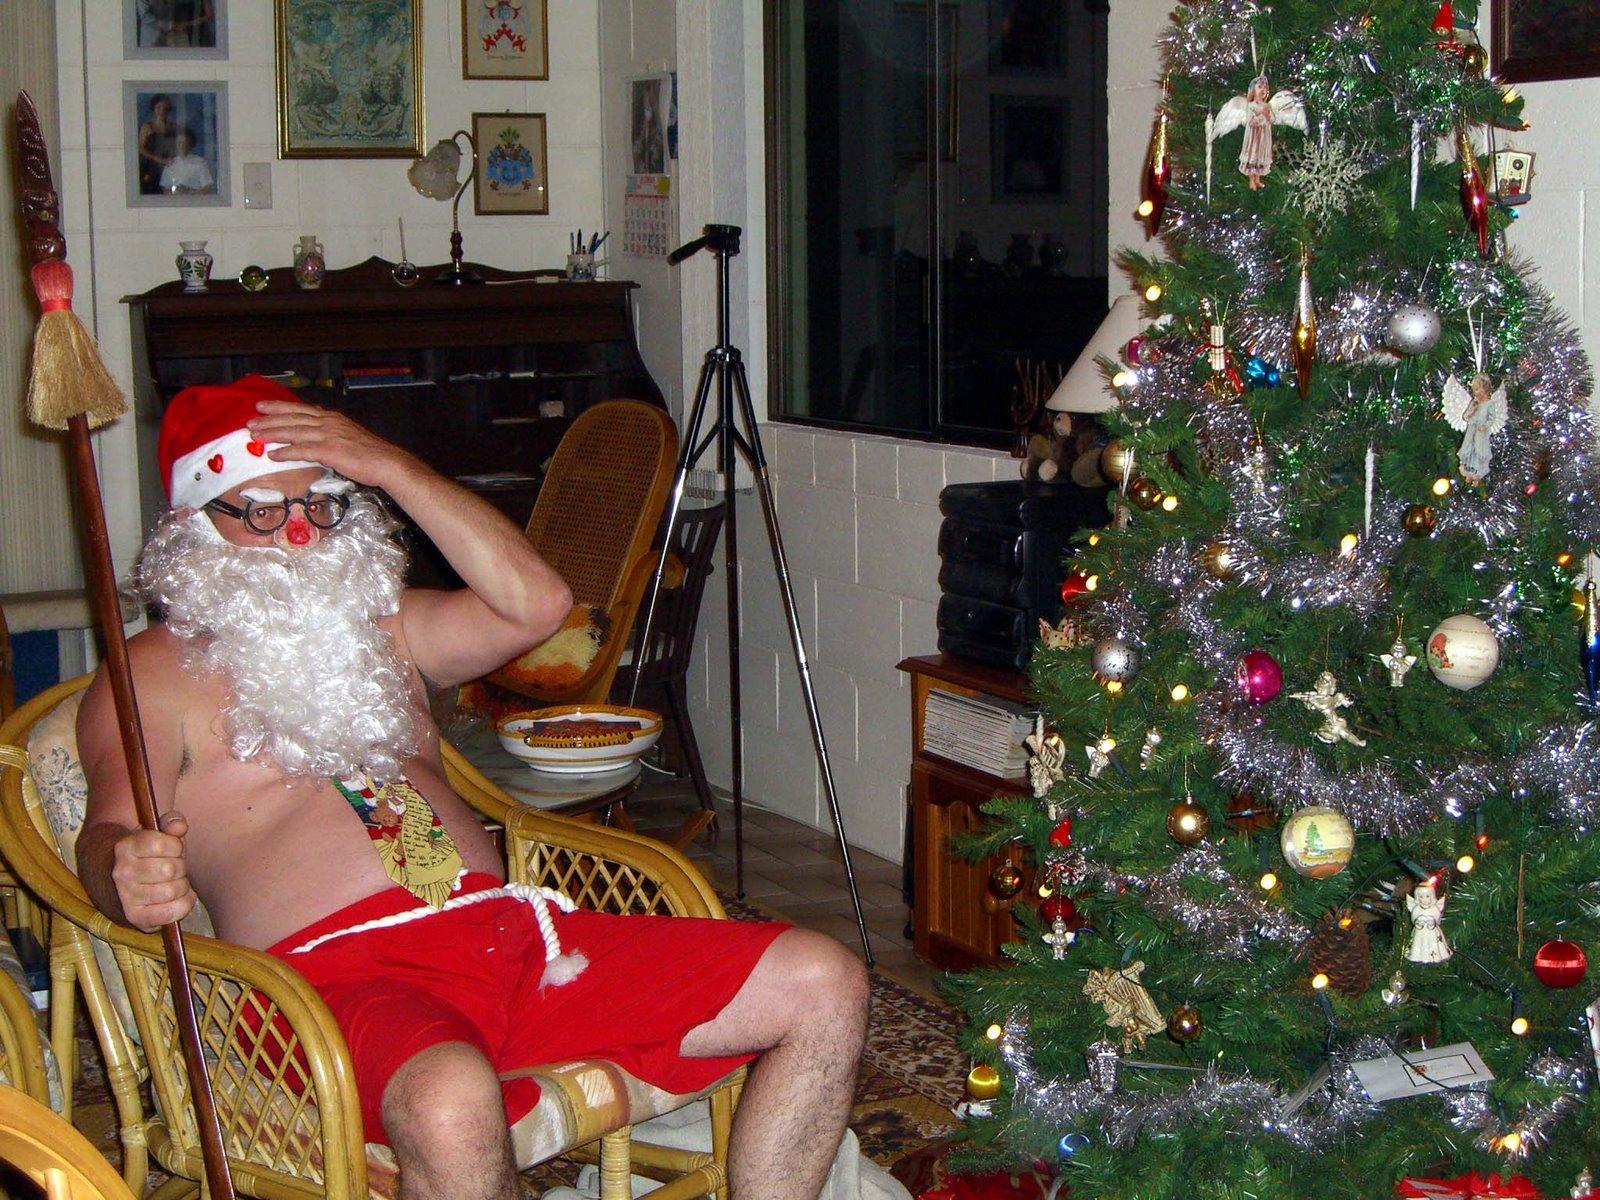 Пьяная снегурочка юмор фото 23 фотография